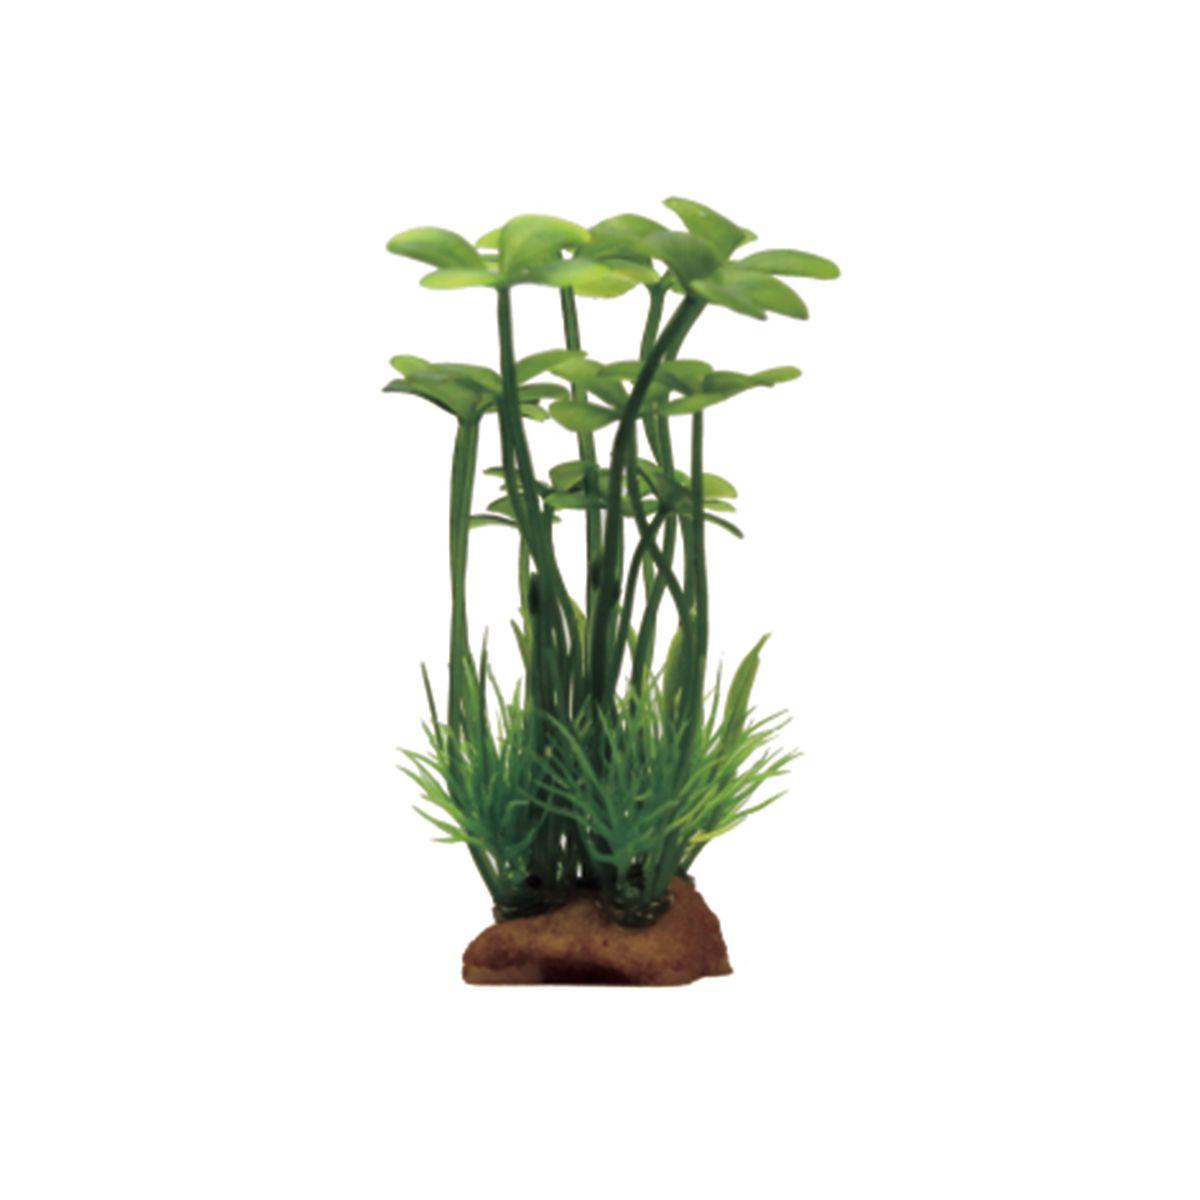 Растение для аквариума ArtUniq Марсилия, высота 10 см, 6 шт0120710Композиция из искусственных растений ArtUniq превосходно украсит и оживит аквариум.Растения - это важная часть любой композиции, они помогут вдохнуть жизнь в ландшафт любого аквариума или террариума. Лучше всего это сделают яркие и сочные цвета искусственных растений серии ArtPlants. А их сходствос природными порадует даже самых взыскательных ценителей.